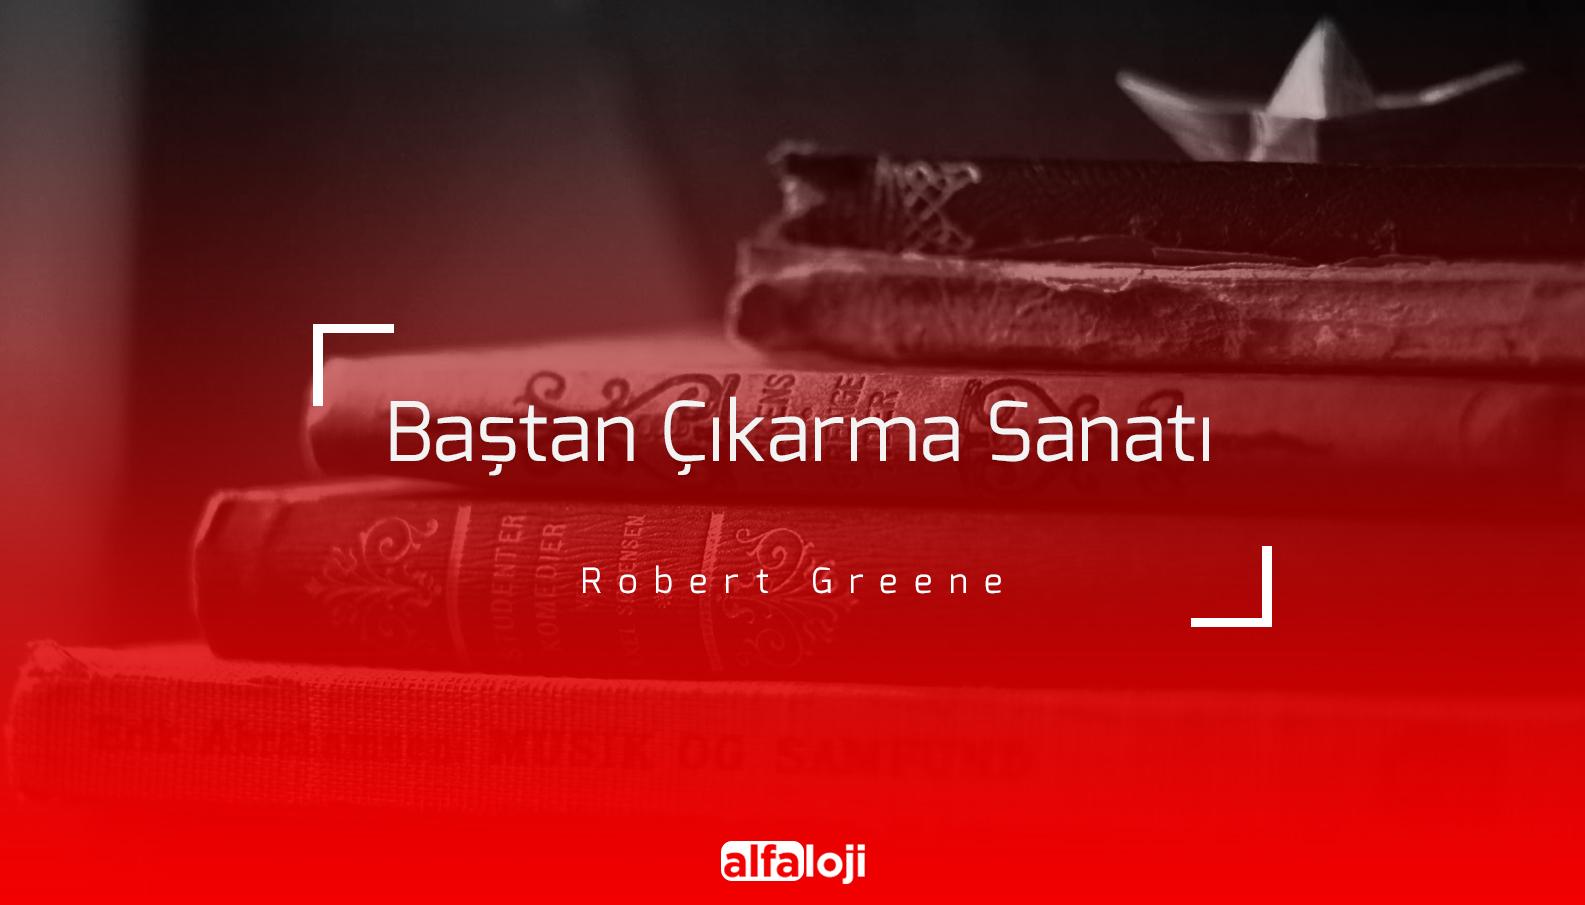 Robert Greene - Baştan Çıkarma Sanatı